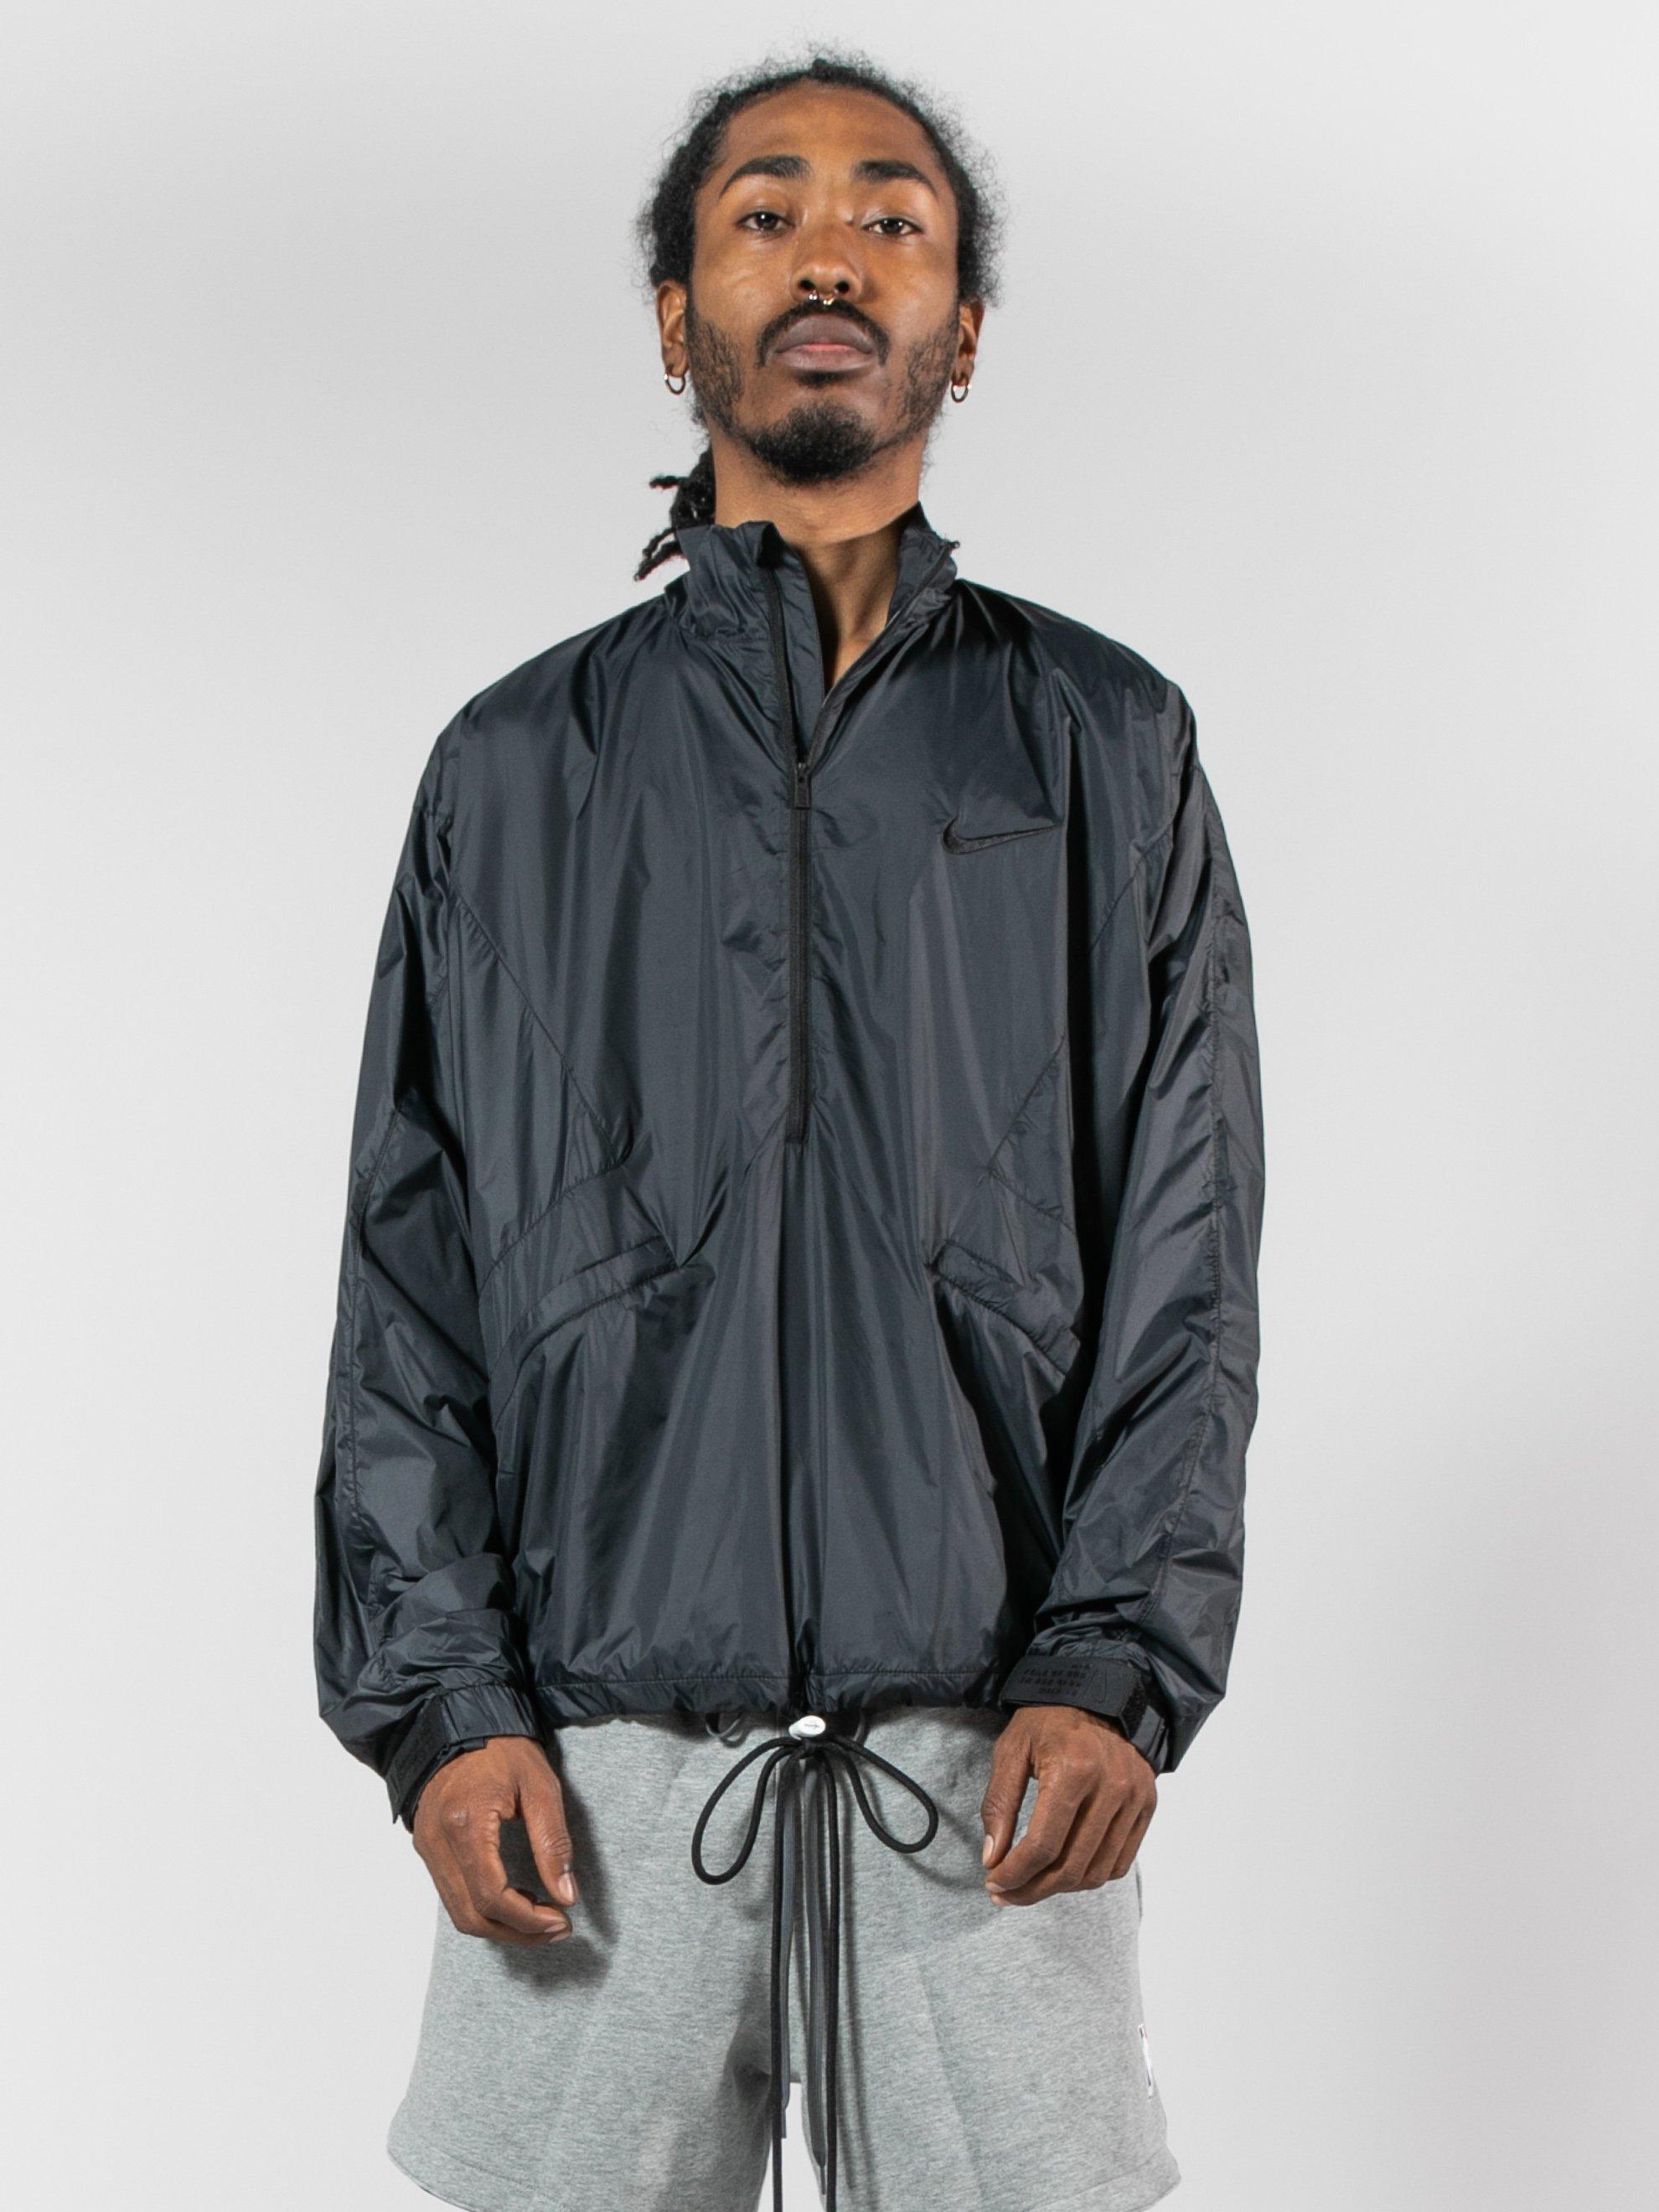 e9ef7a9f80c8 Lyst - Nike X Fear Of God Half-zip Jacket in Black for Men